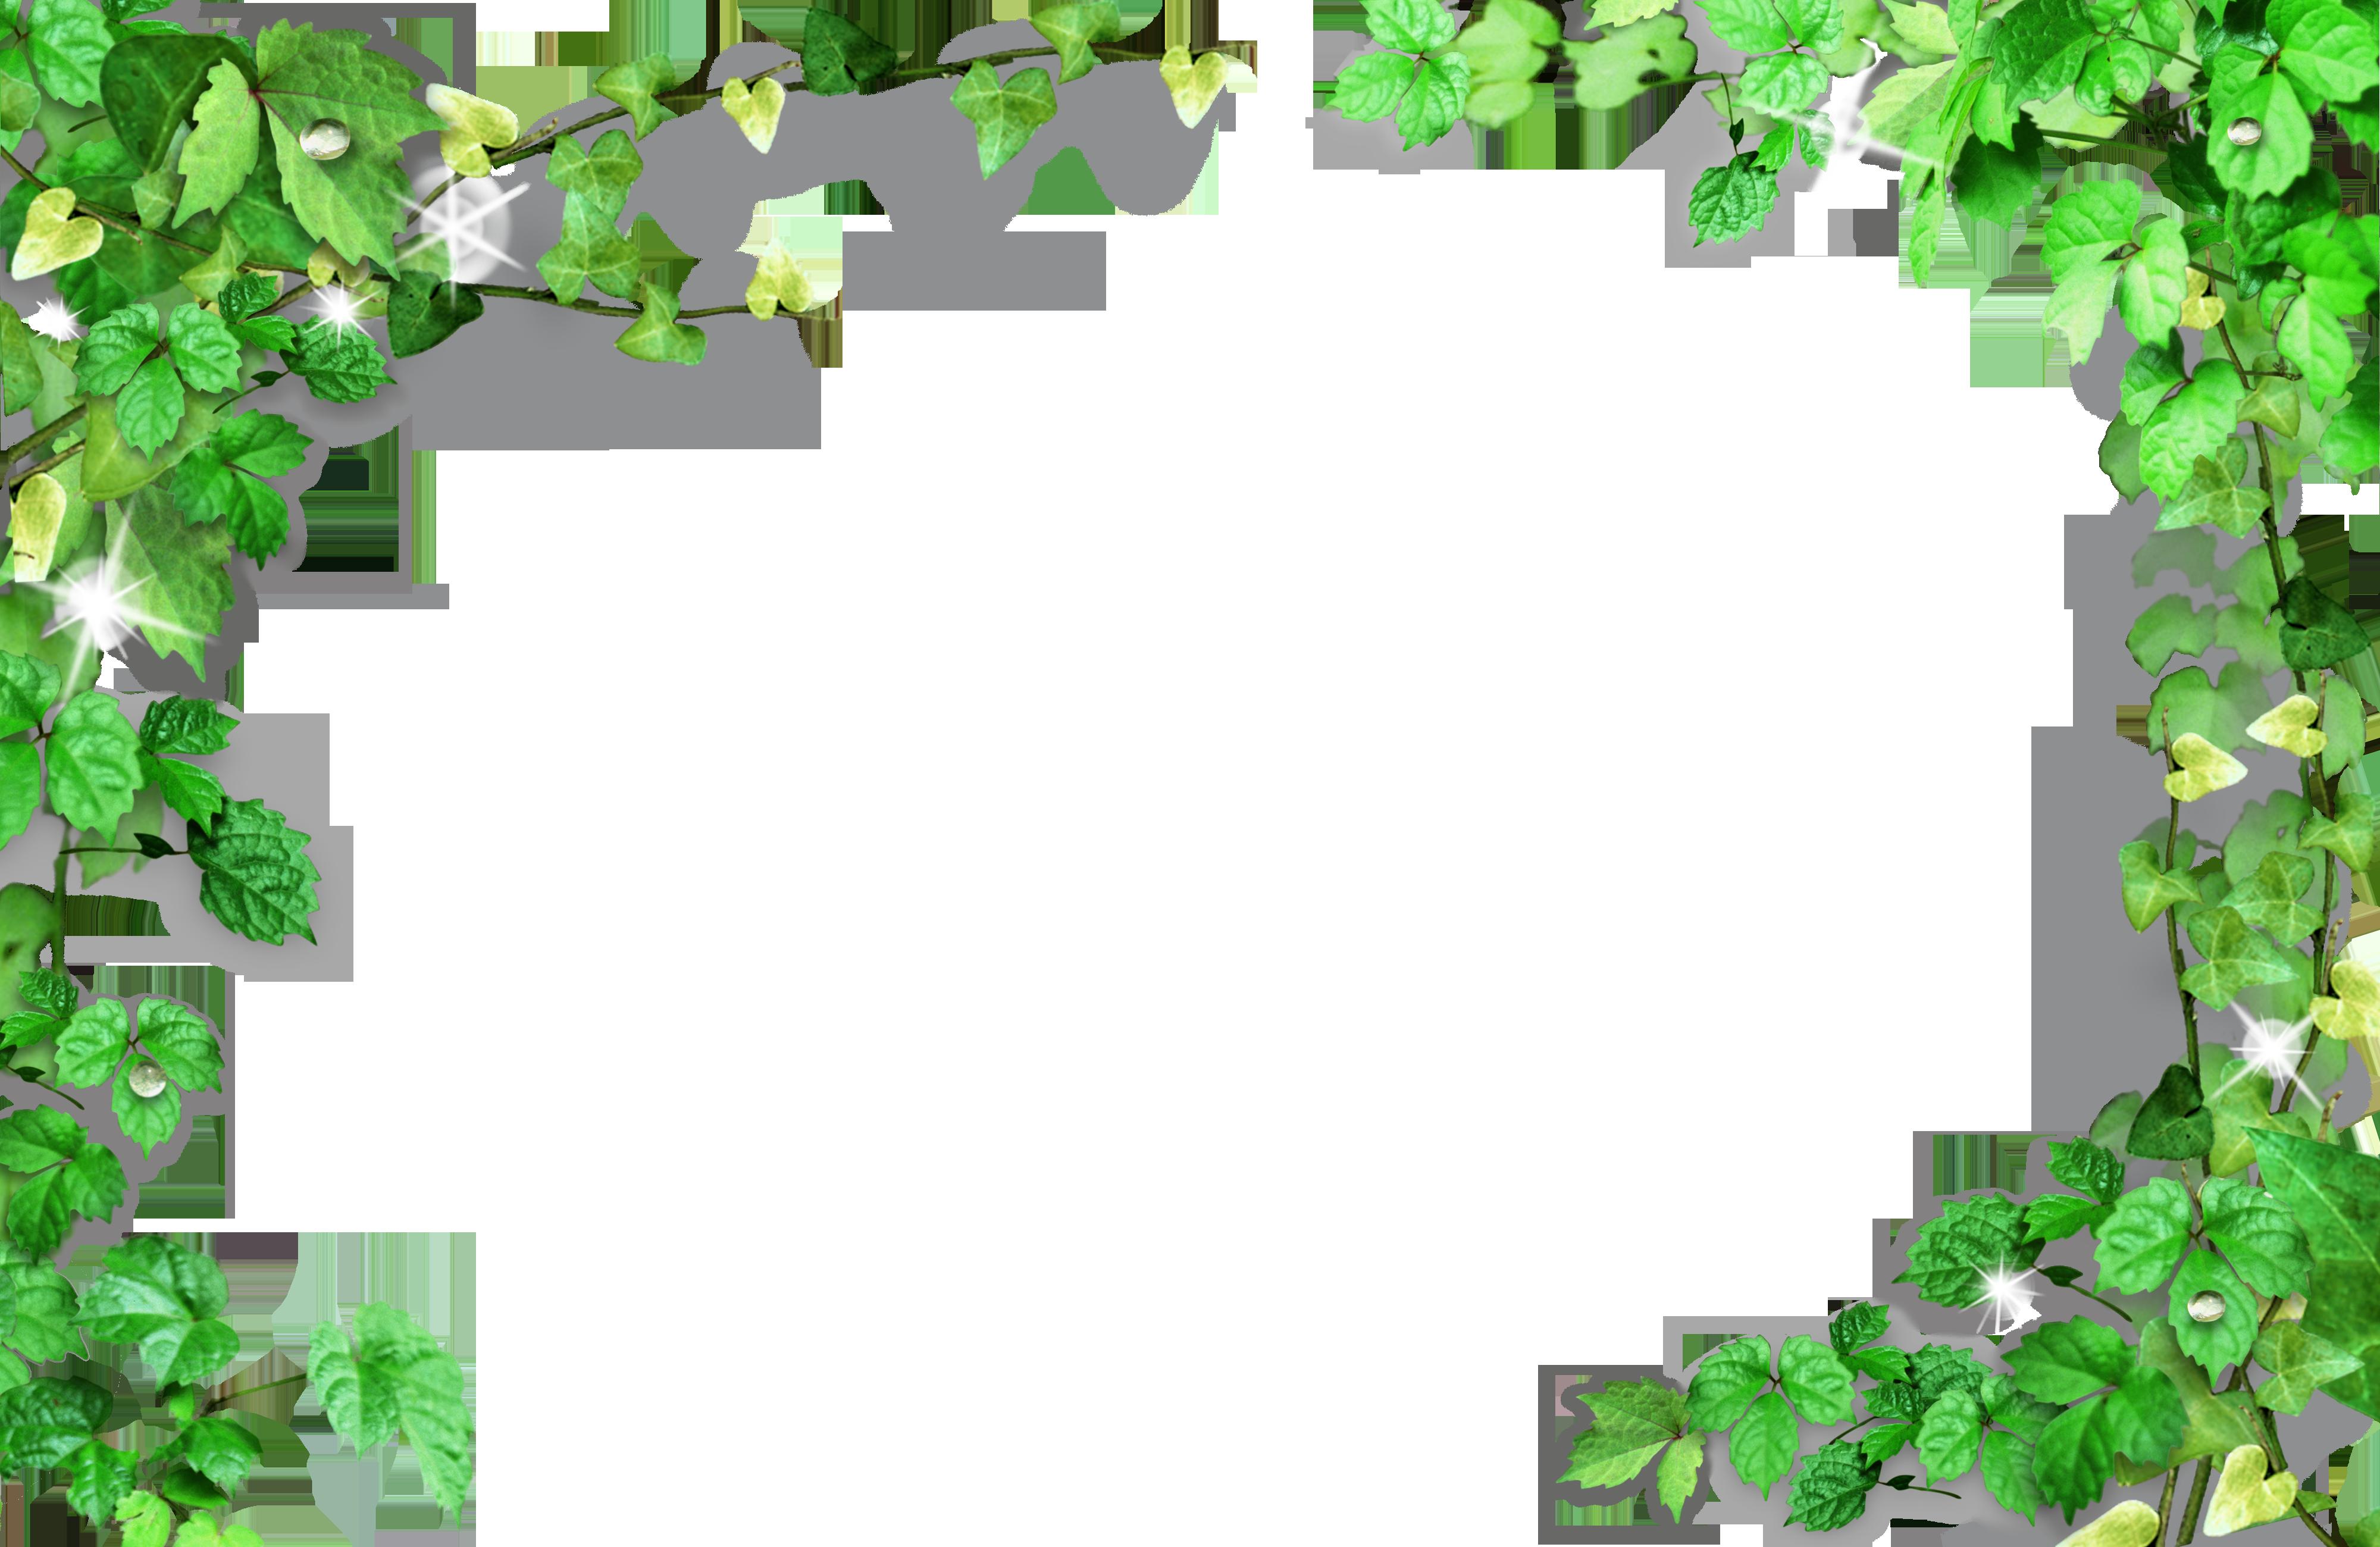 Green Leaves Frame Framed Plants Butterfly Wallpaper Iphone Flower Border